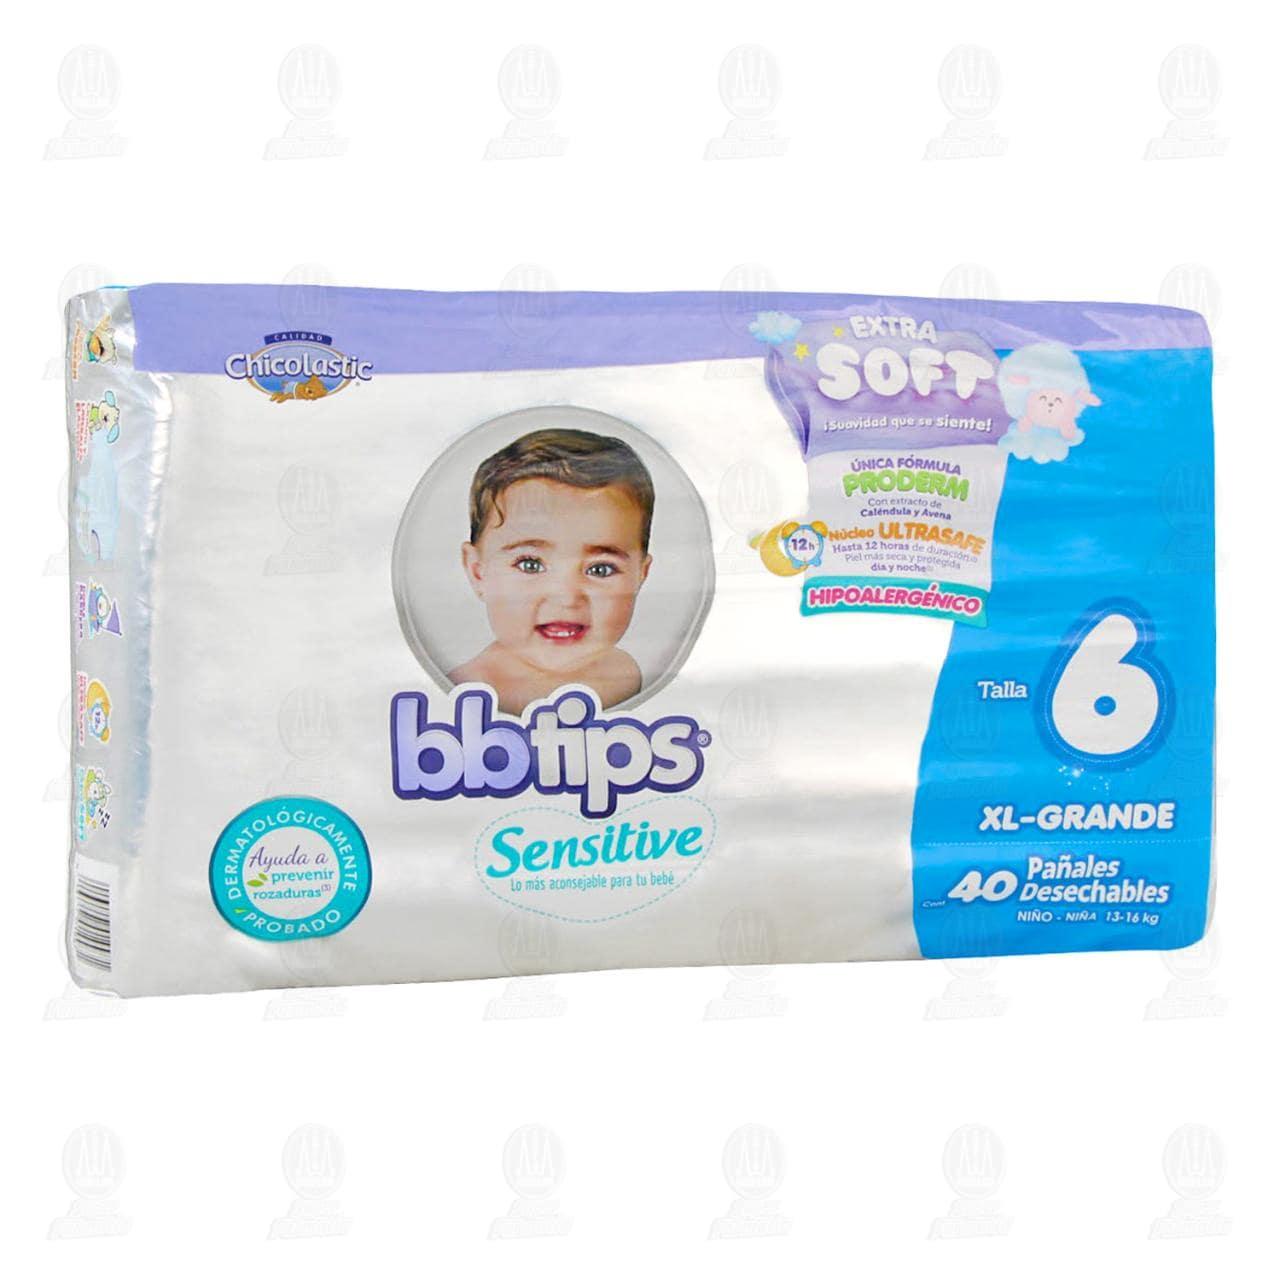 Comprar Pañales para Bebé Bbtips Sensitive Desechables Talla 6 XL, 40 pzas. en Farmacias Guadalajara